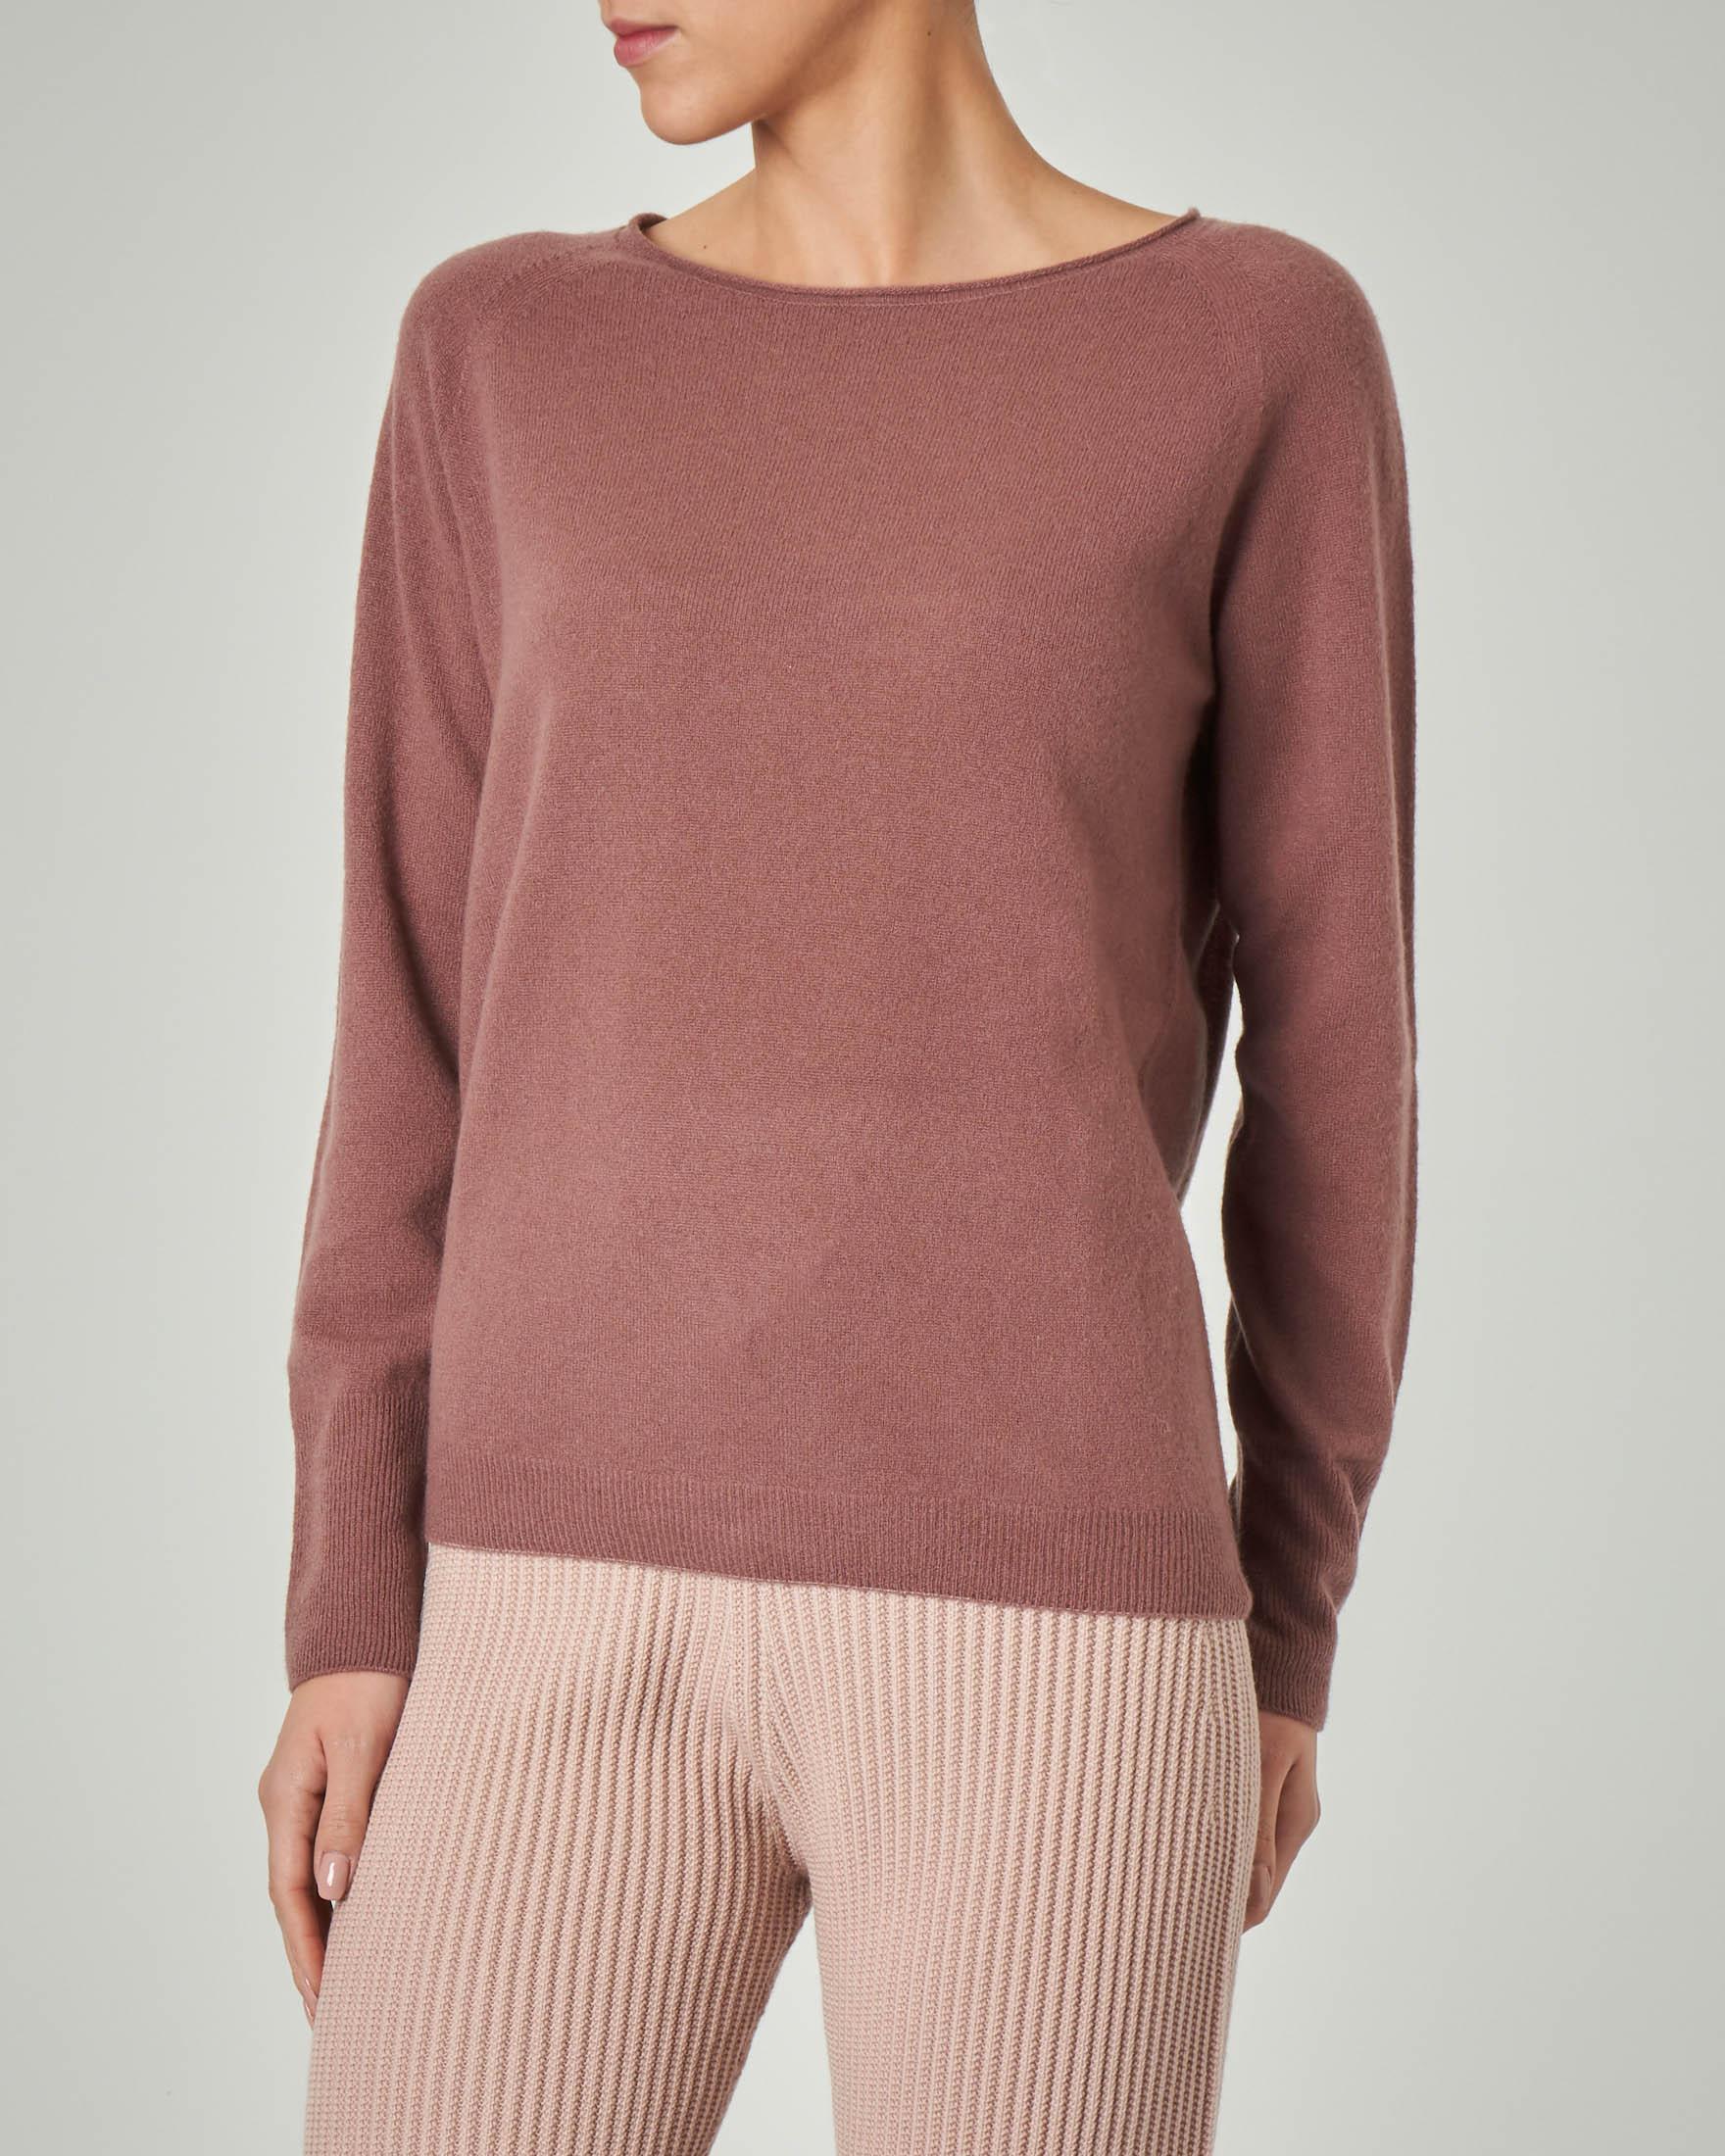 Maglia rasata in lana e cashmere color malva senza cuciture